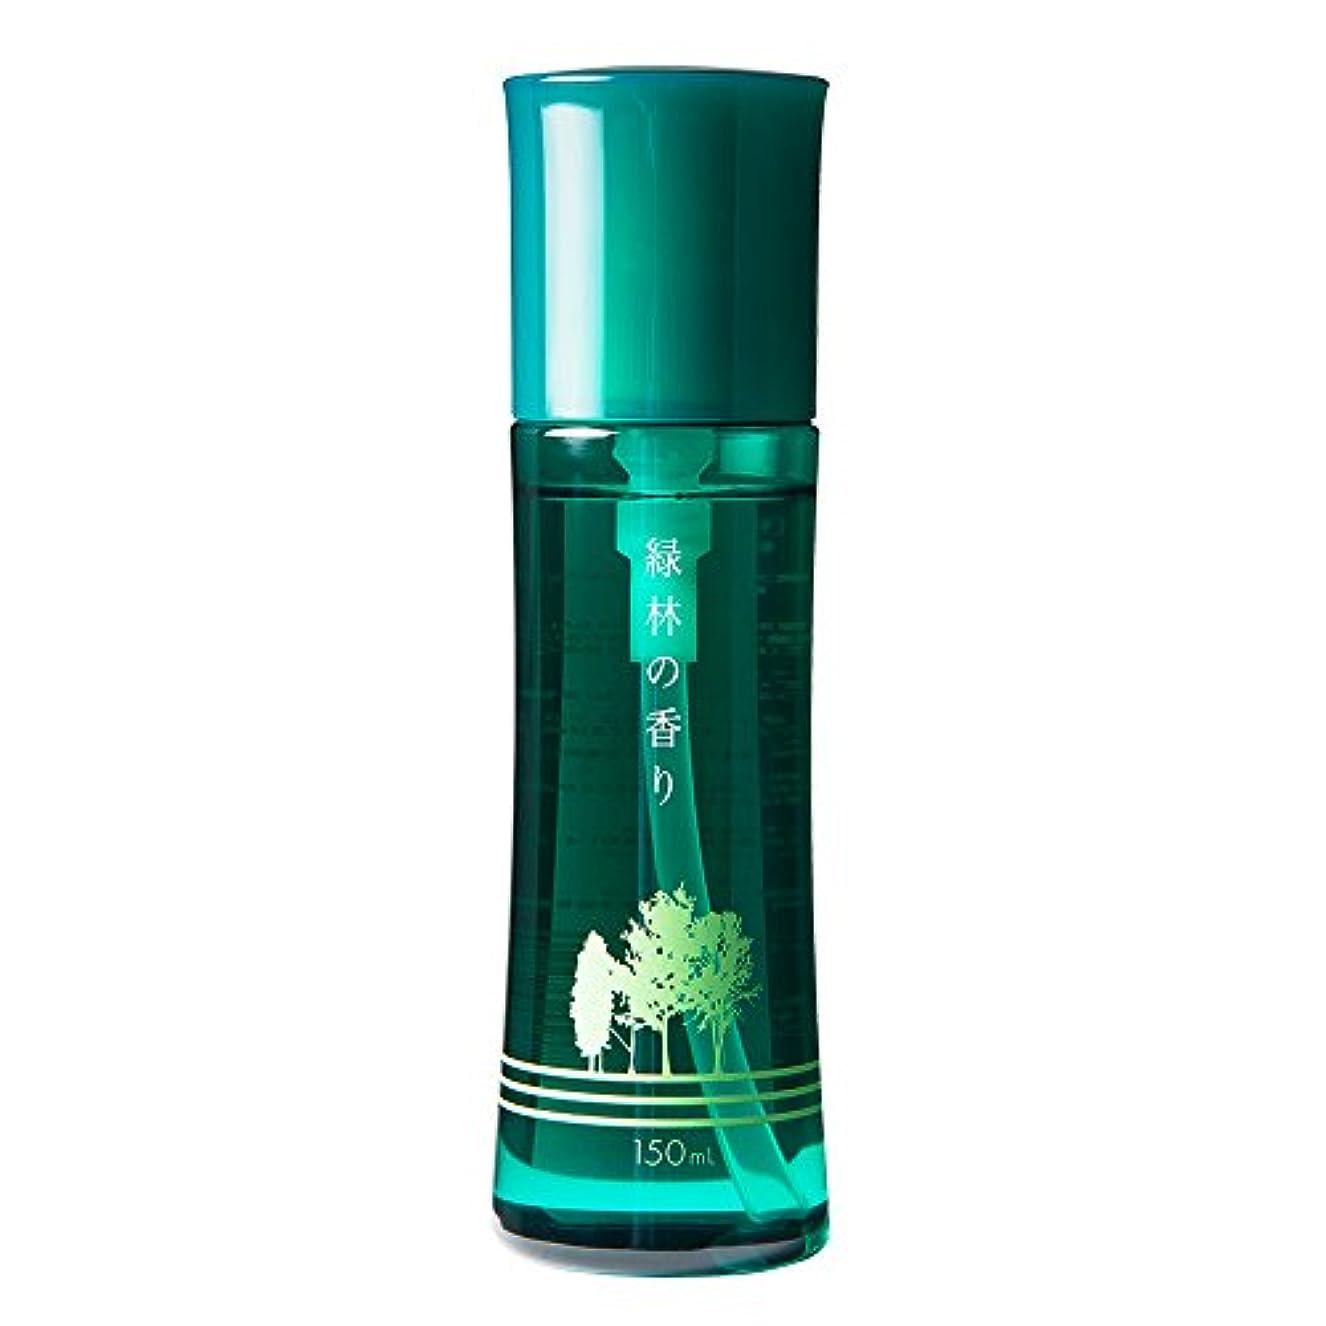 彫る望まない瞳芳香剤「緑林の香り(みどりの香り)」150mL 日本予防医薬